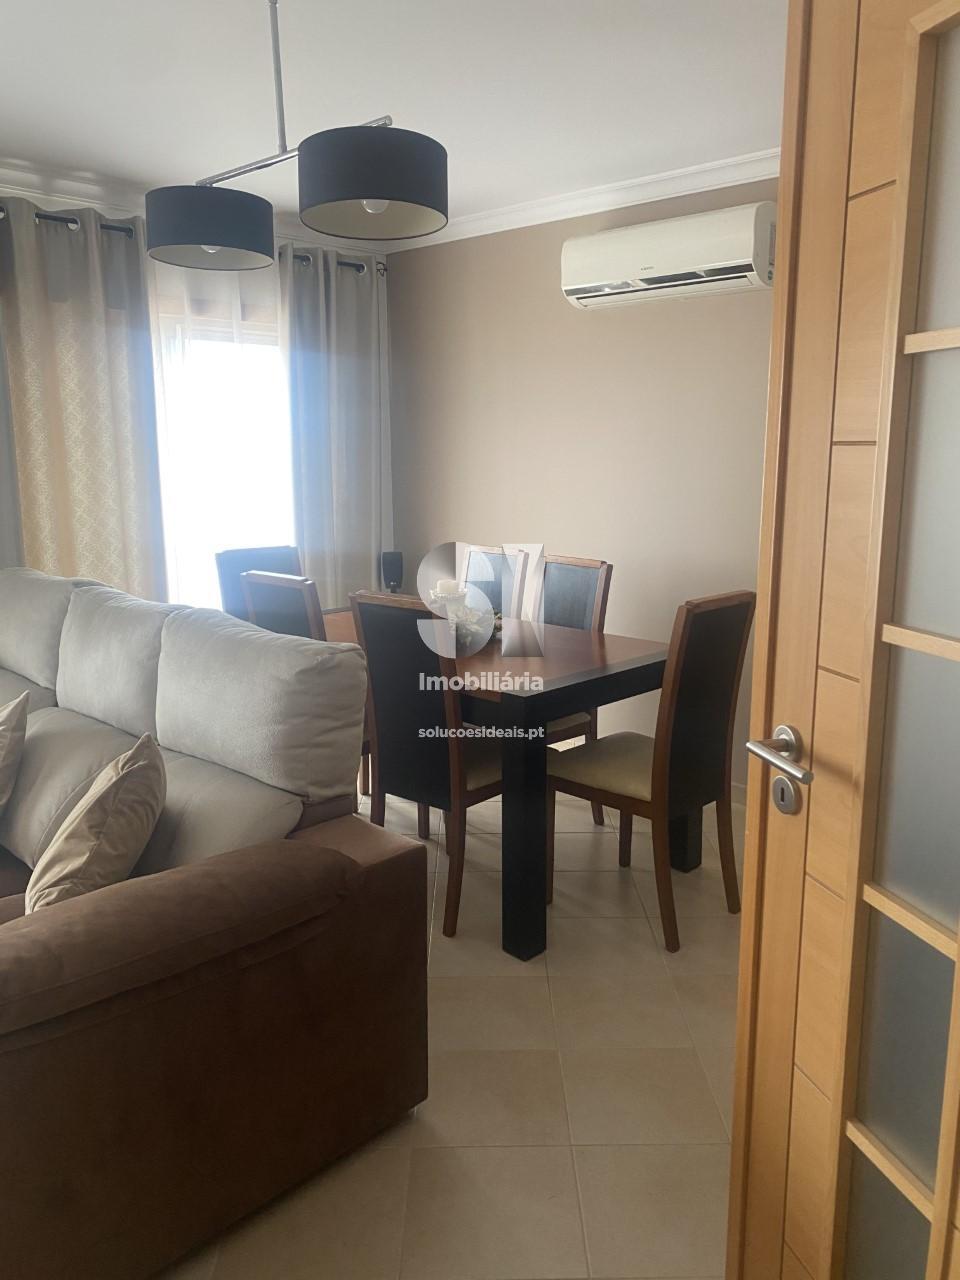 apartamento t4 para compra em vila real de santo antonio vila real de santo antonio CMPCP153